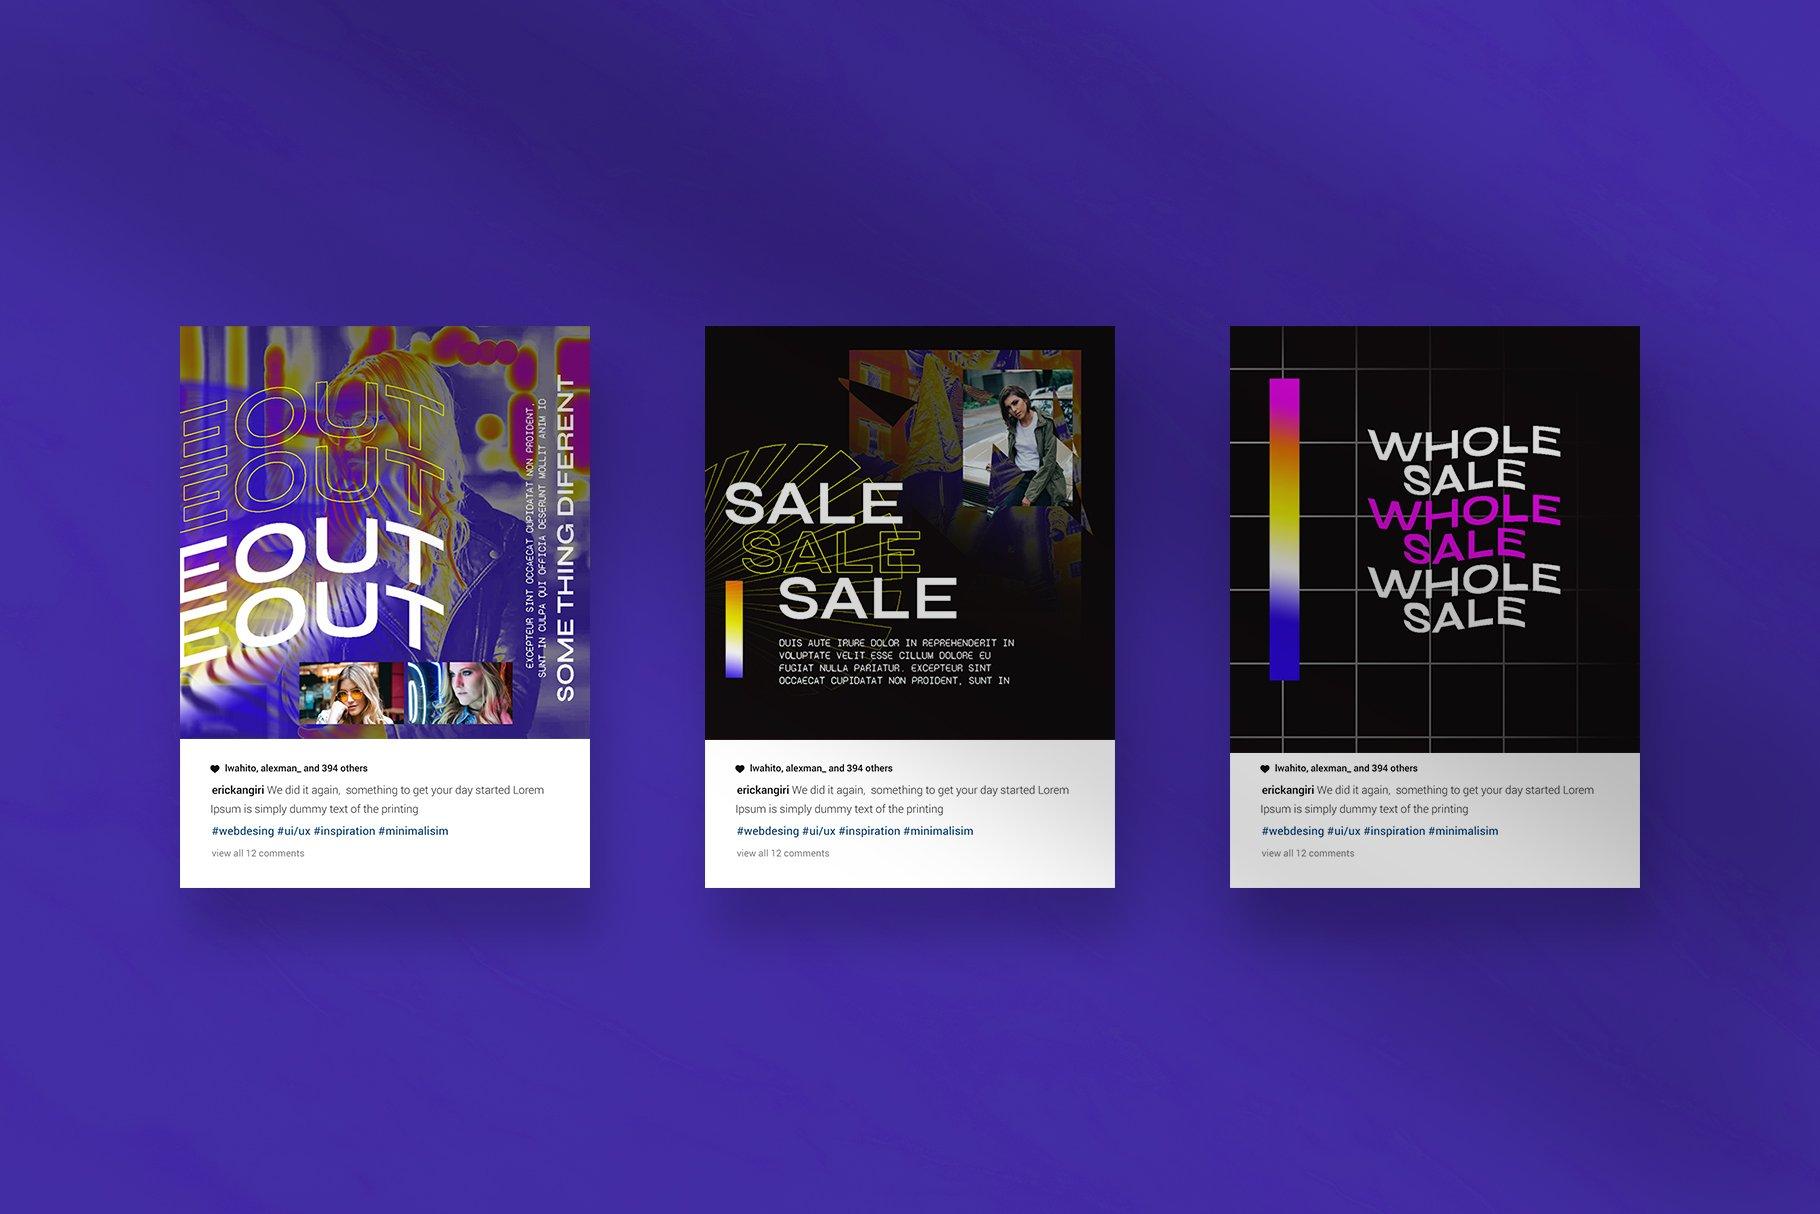 潮流品牌推广新媒体海报设计PSD模板 Hype Content Puzzle Instagram Feed插图(5)